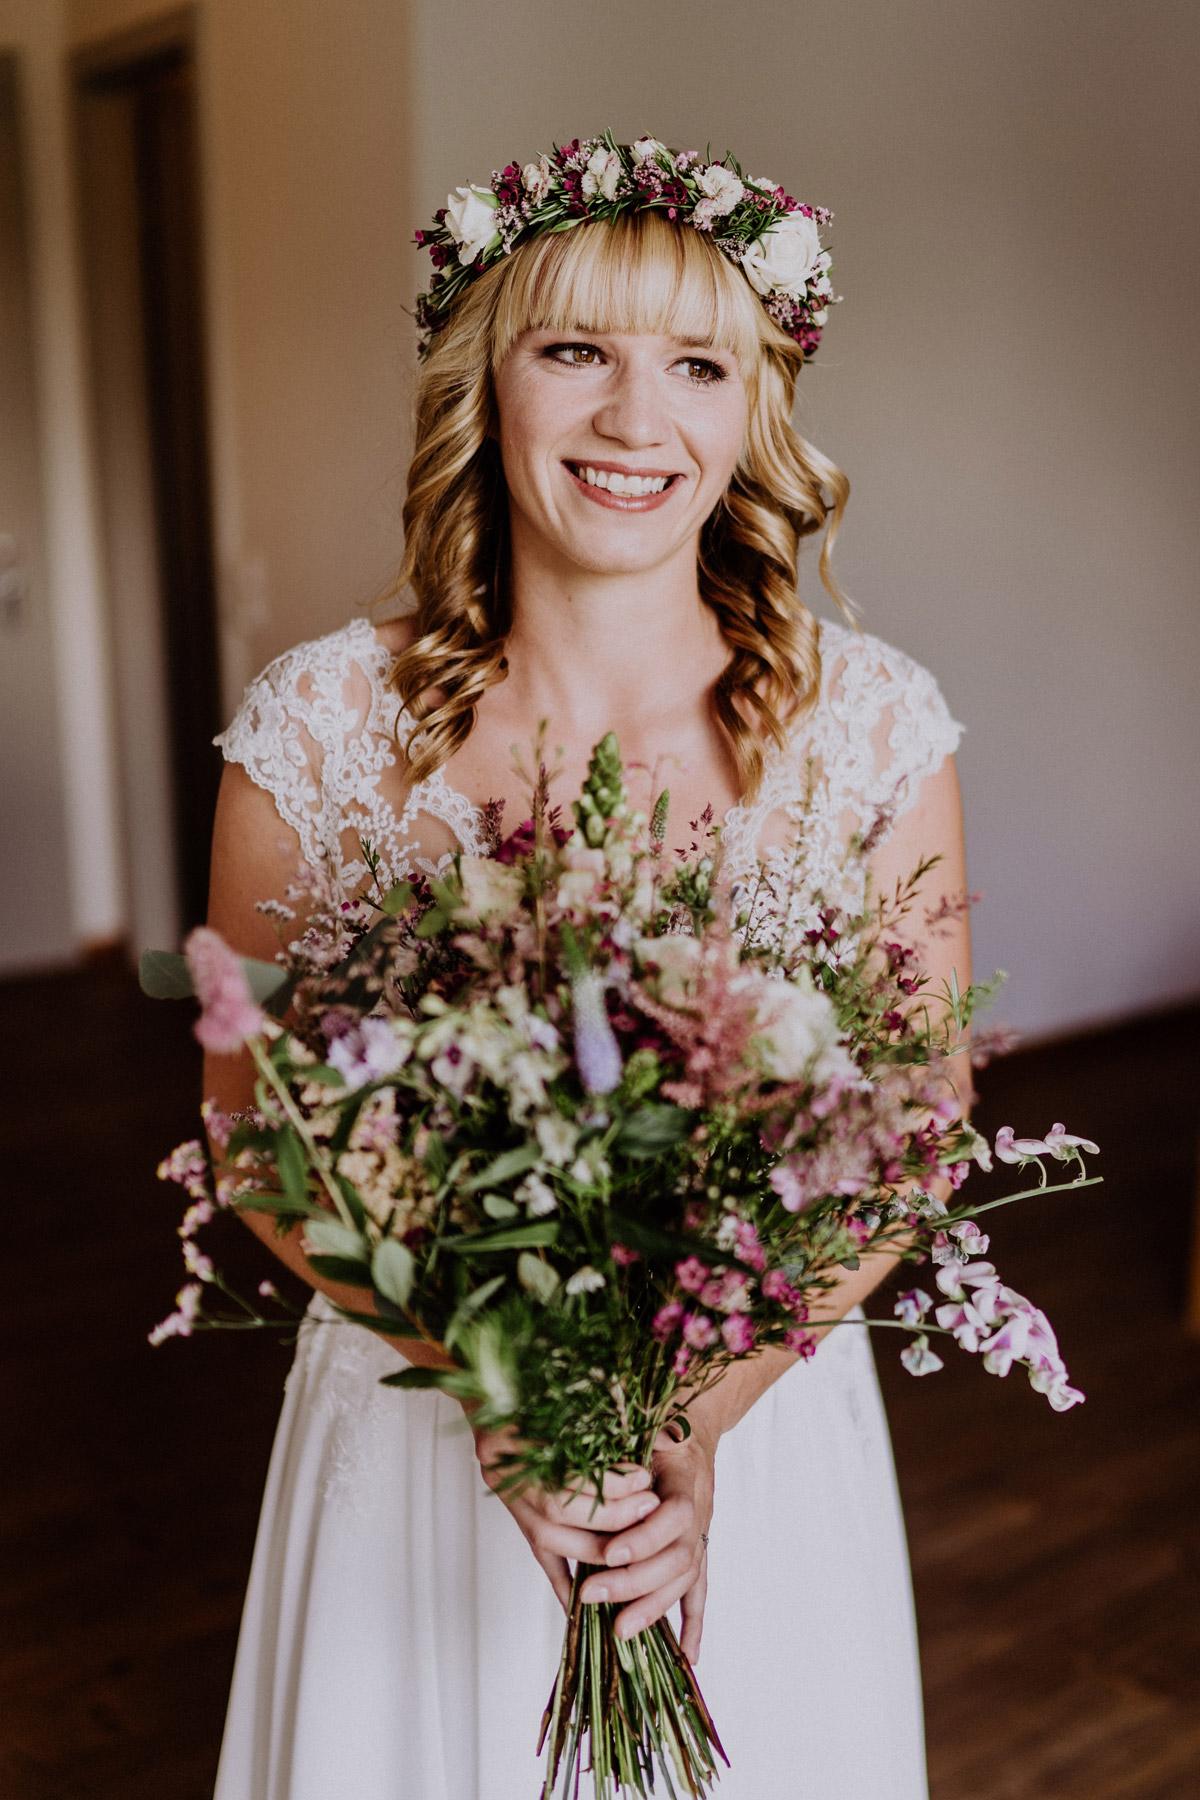 Braut Make up Hochzeit natürlich blonde Haare braune Augen helle Haut; Brautfrisur mit Pony schulterlangen Locken und Haarkranz mit weißen und pinkroten Hochzeitsblumen #braut #brautmakeup #brautfrisur #hochzeitsfrisur